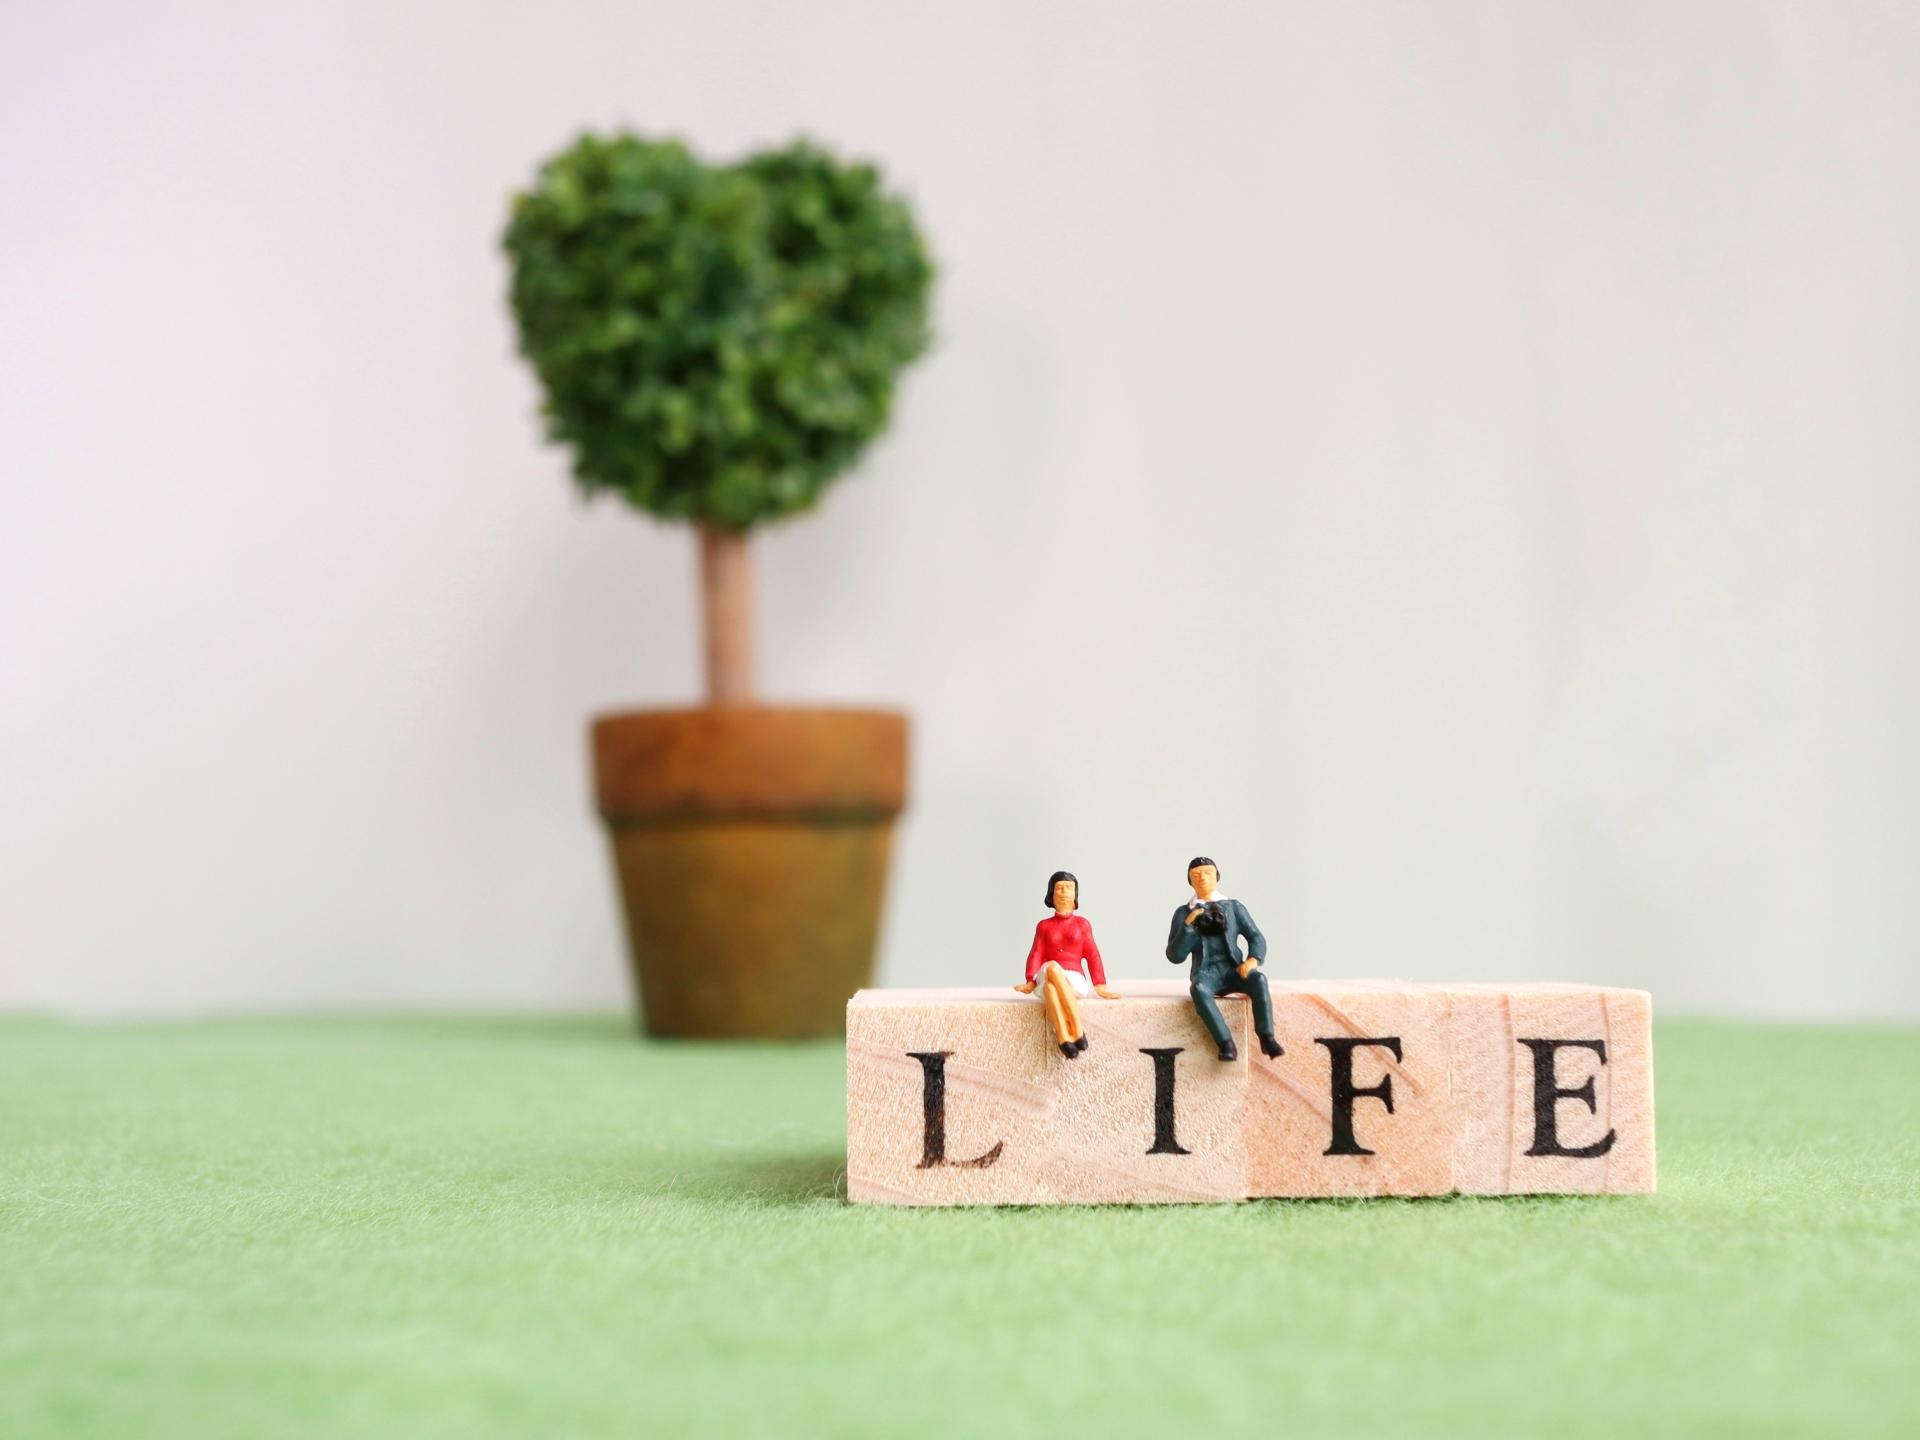 他人が決めた「新しい生活様式」で生きるの?